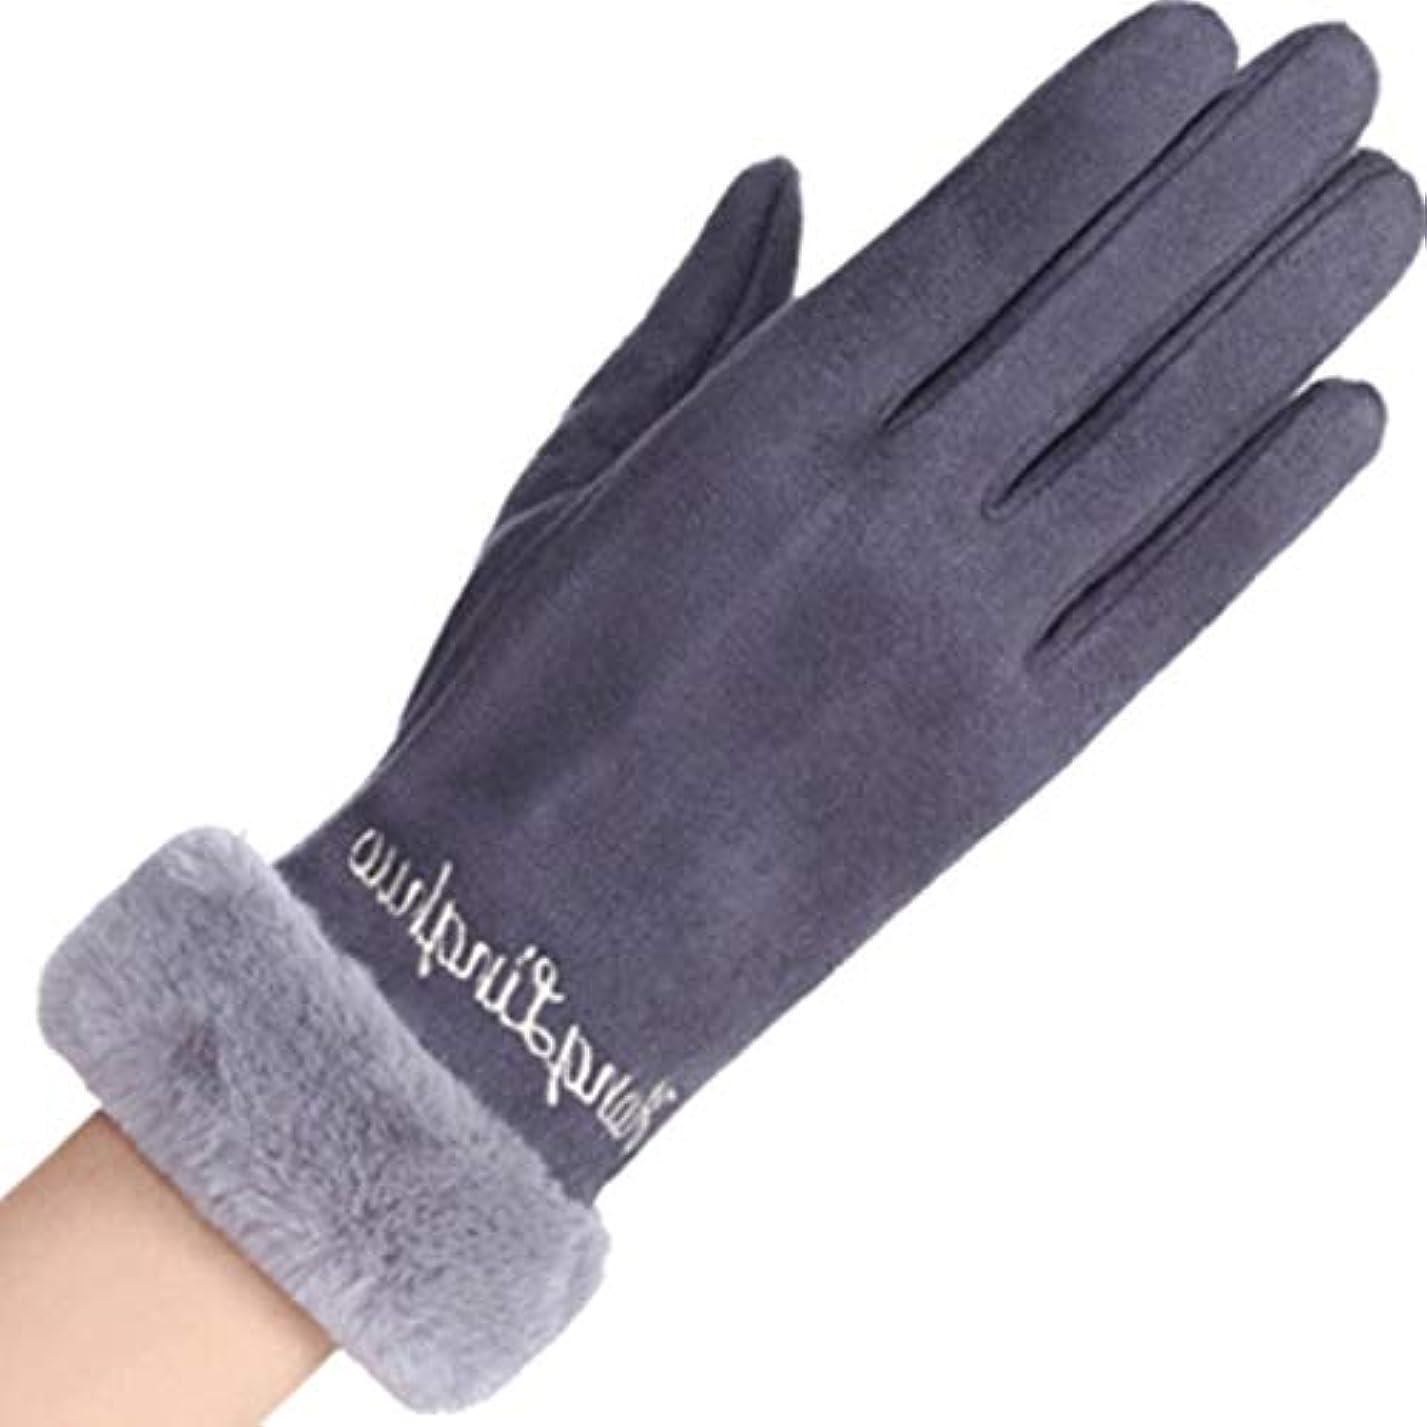 スリンク学期ユニークな手袋の女性の暖かいタッチスクリーンの携帯電話春と秋の冬の防風レターレディースウール手袋黒灰色の粉 (色 : Gray)